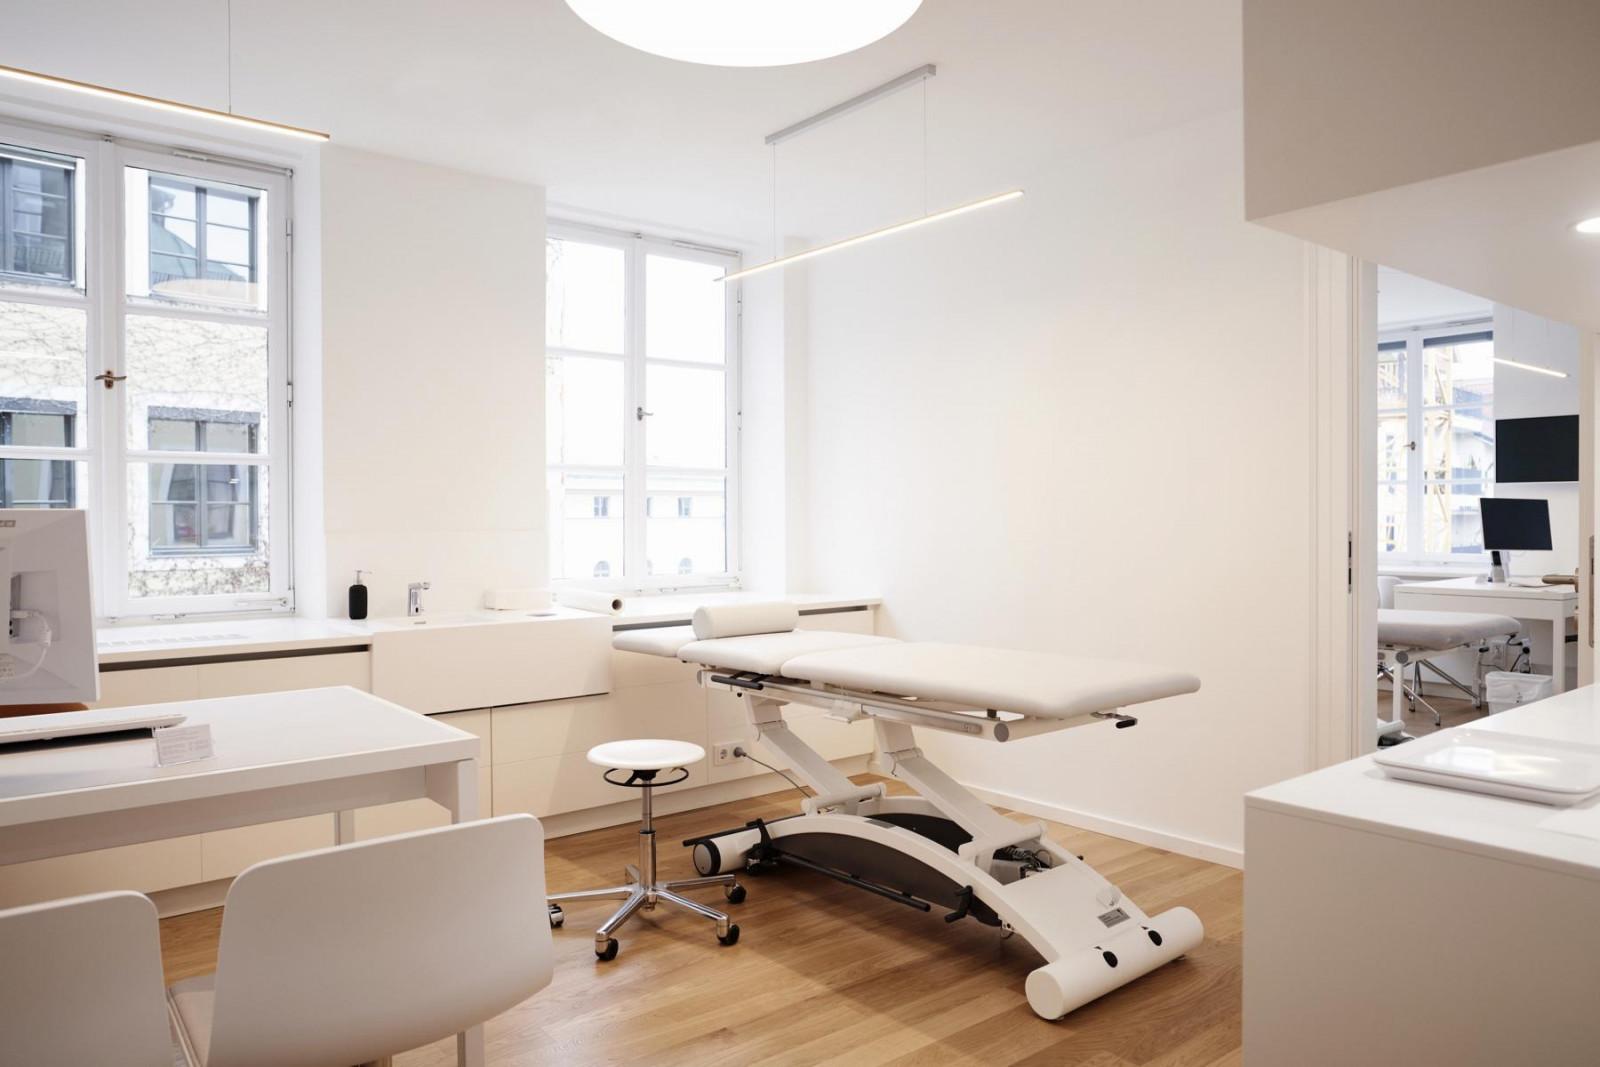 Das Einrichtungskonzept ganz in Weiß macht die Behandlungszimmer hell und freundlich.